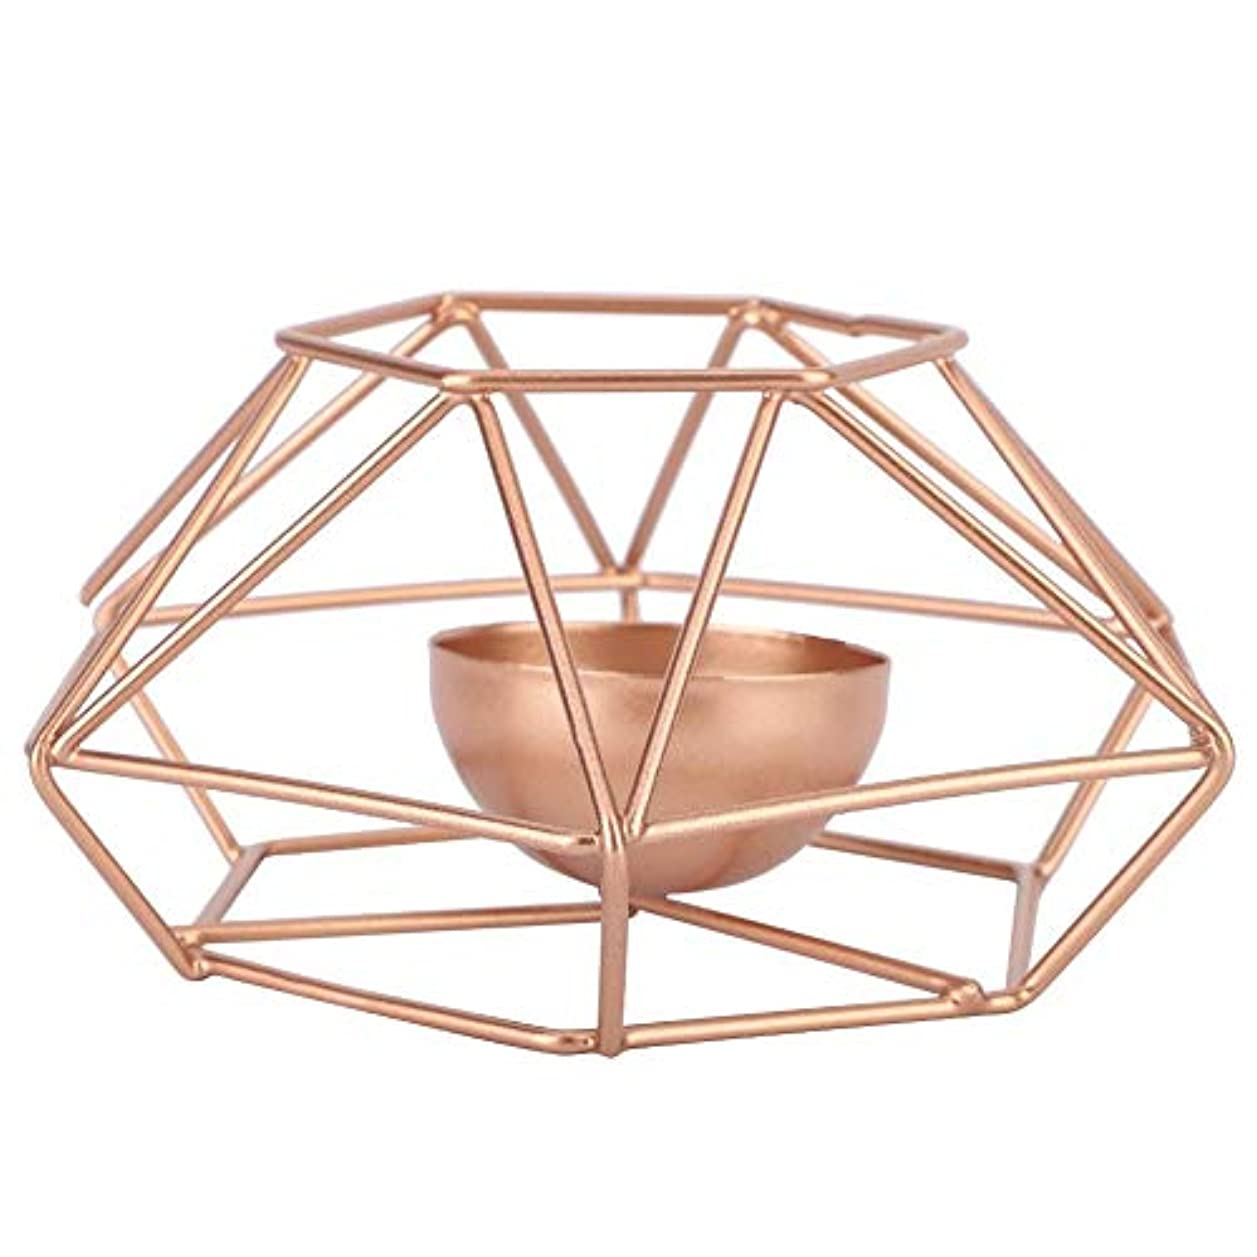 音声学スロベニア姪鉄の燭台、現代スタイルの幾何学的な燭台スタンド鉄の蝋燭ホールダー金家の装飾飾り